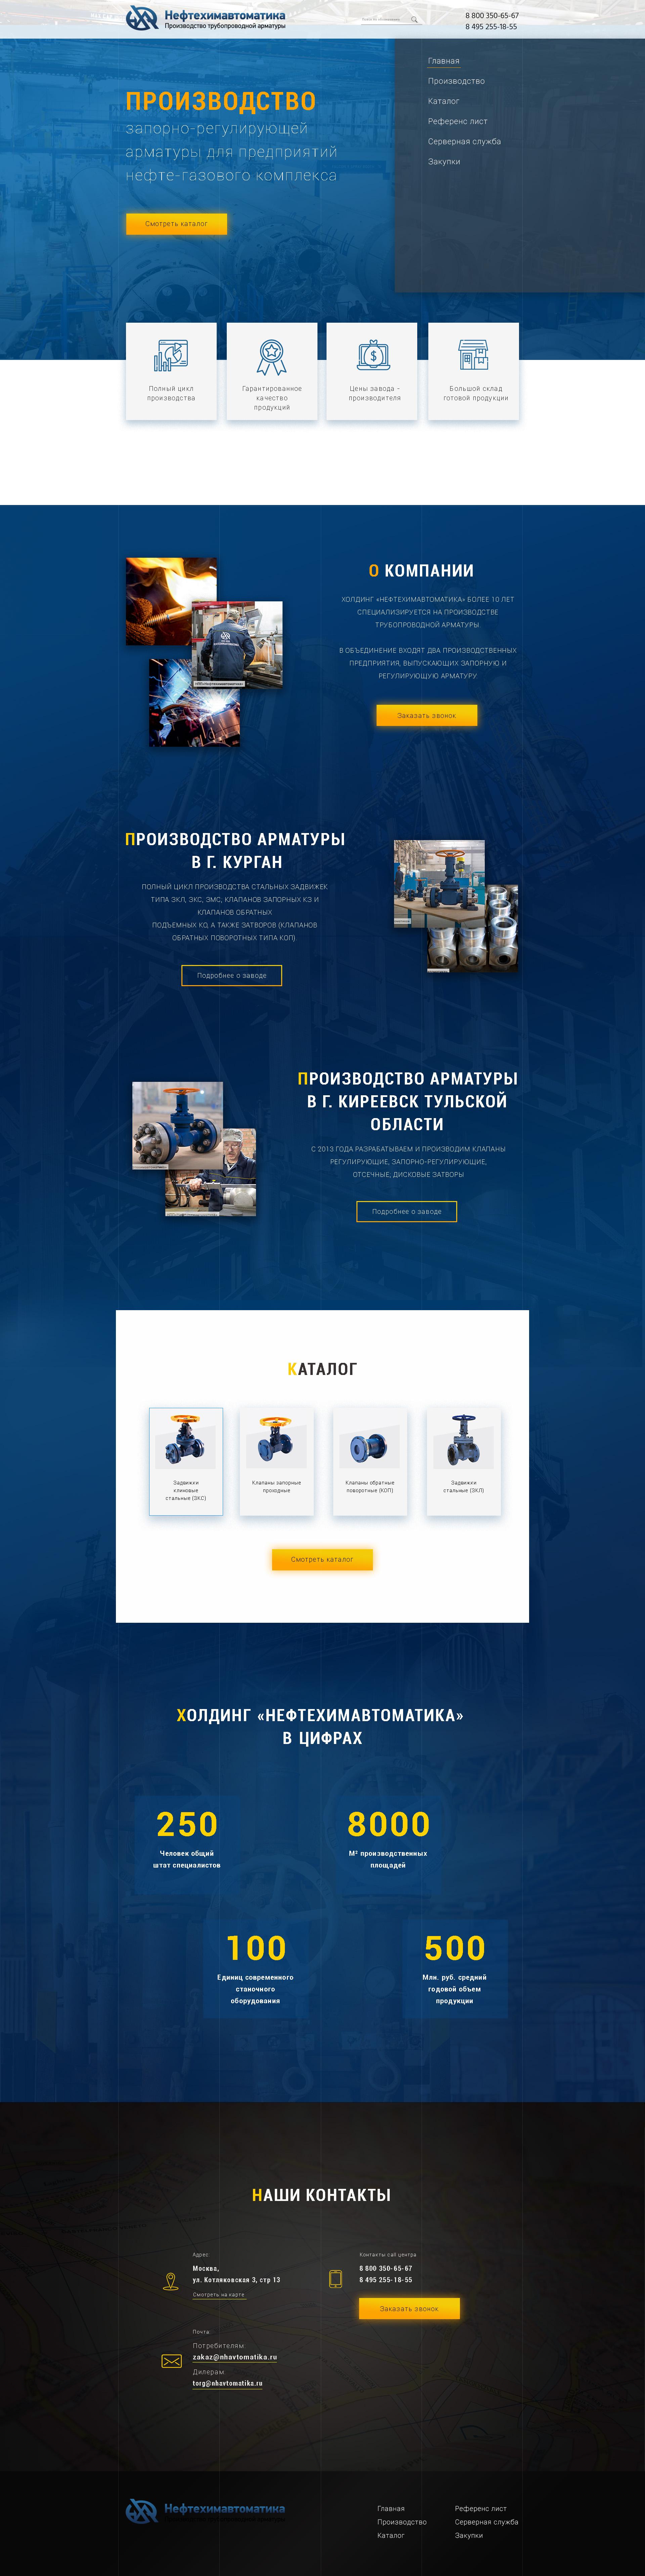 Внимание, конкурс для дизайнеров веб-сайтов! фото f_0665c61c6af29d72.jpg